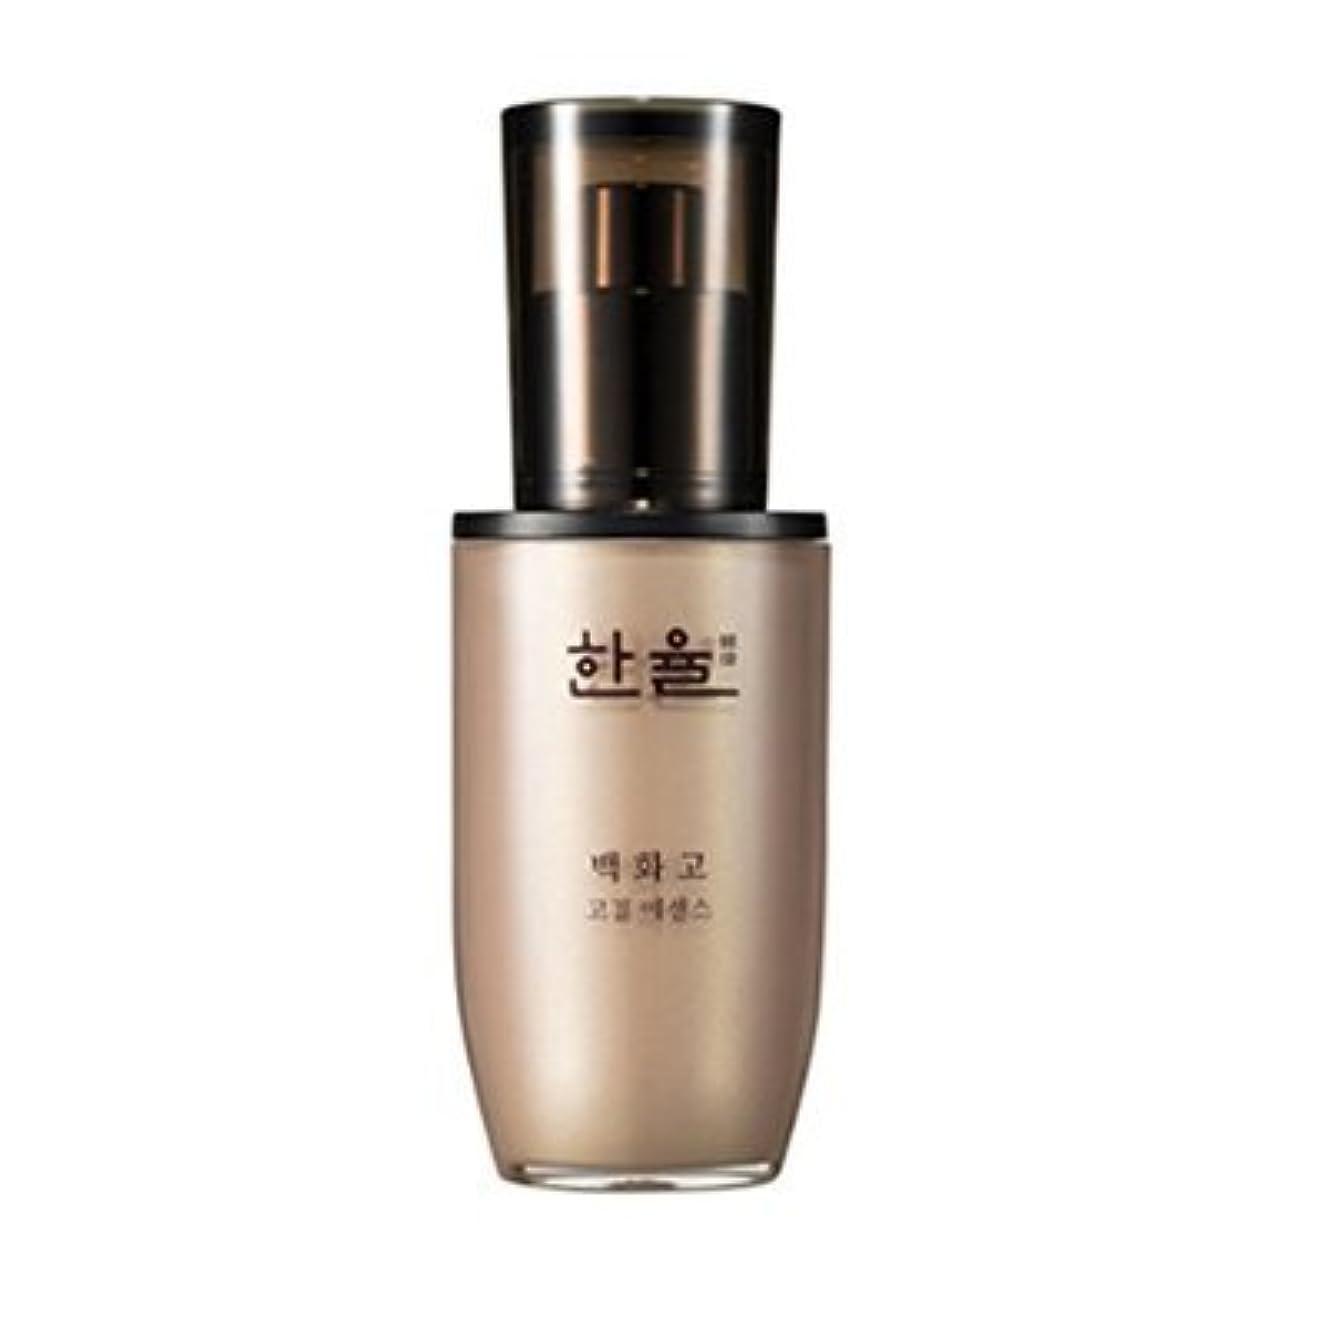 農奴名前眉[Hanyul] Baek Hwa Goh Silky Skin Serum 40ml